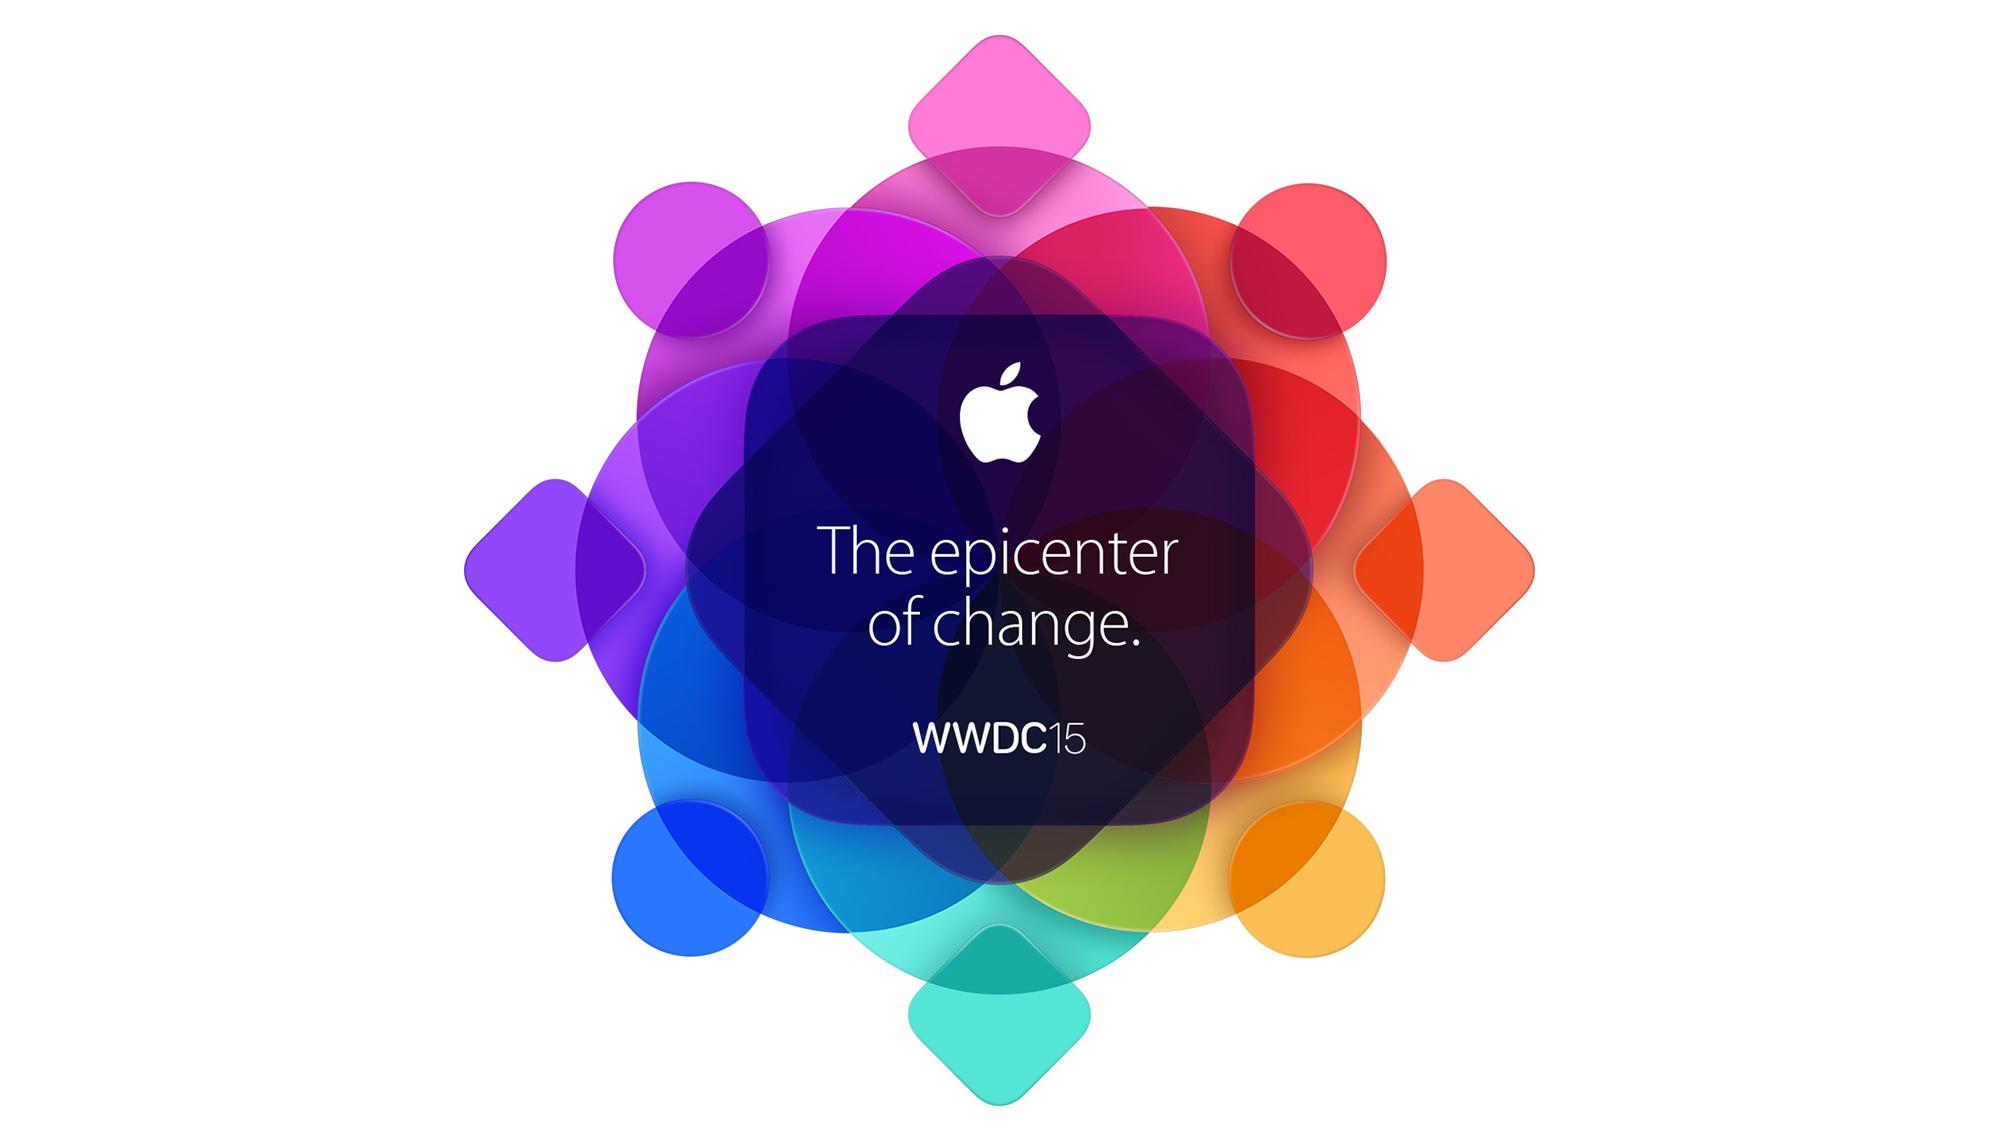 data_applenews_1429056811_apple_wwdc2015